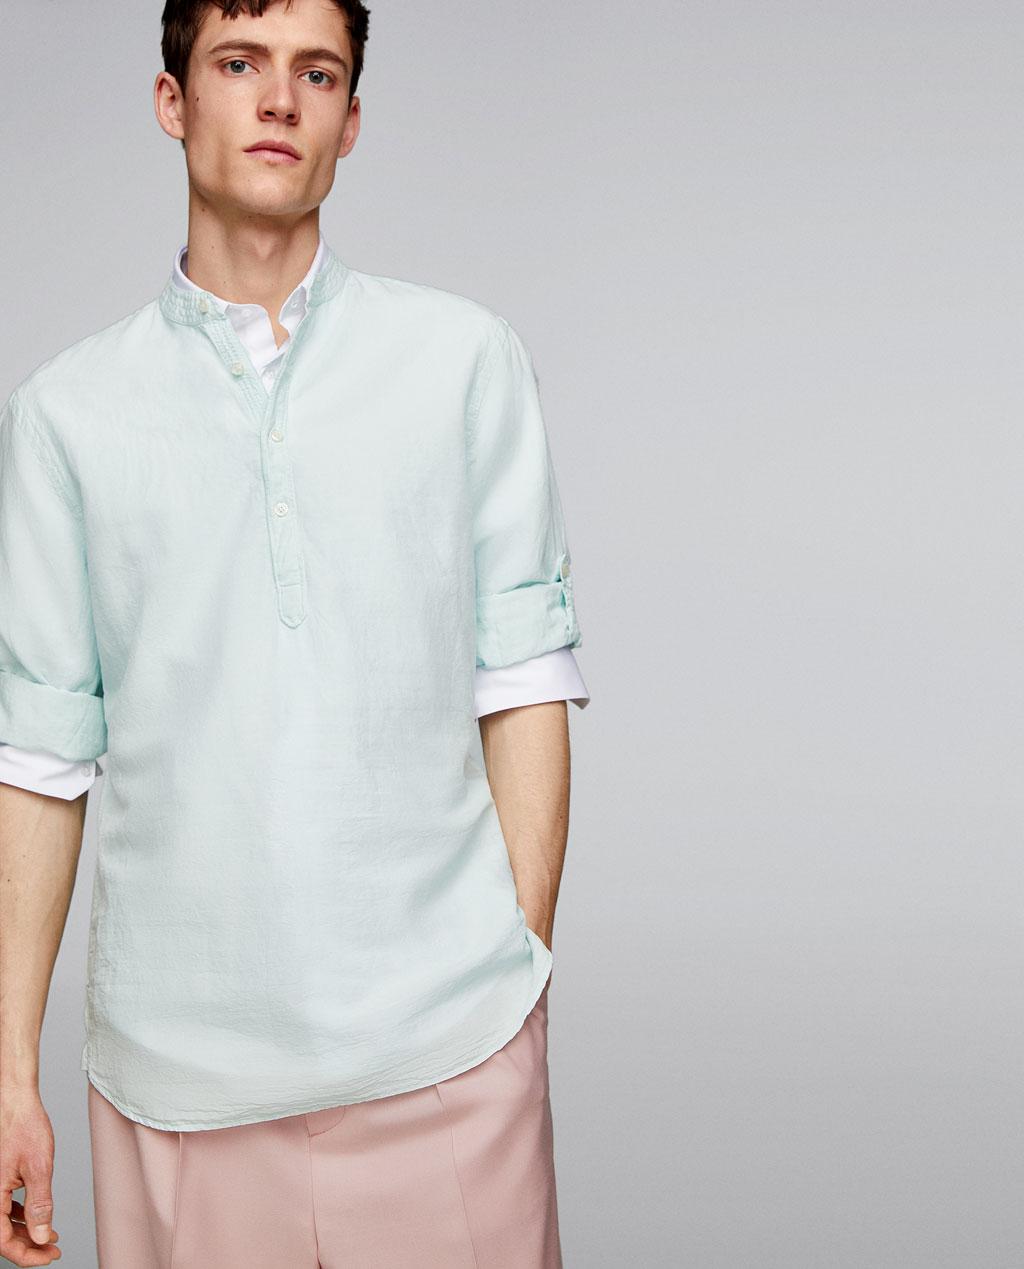 Thời trang nam Zara  23998 - ảnh 4